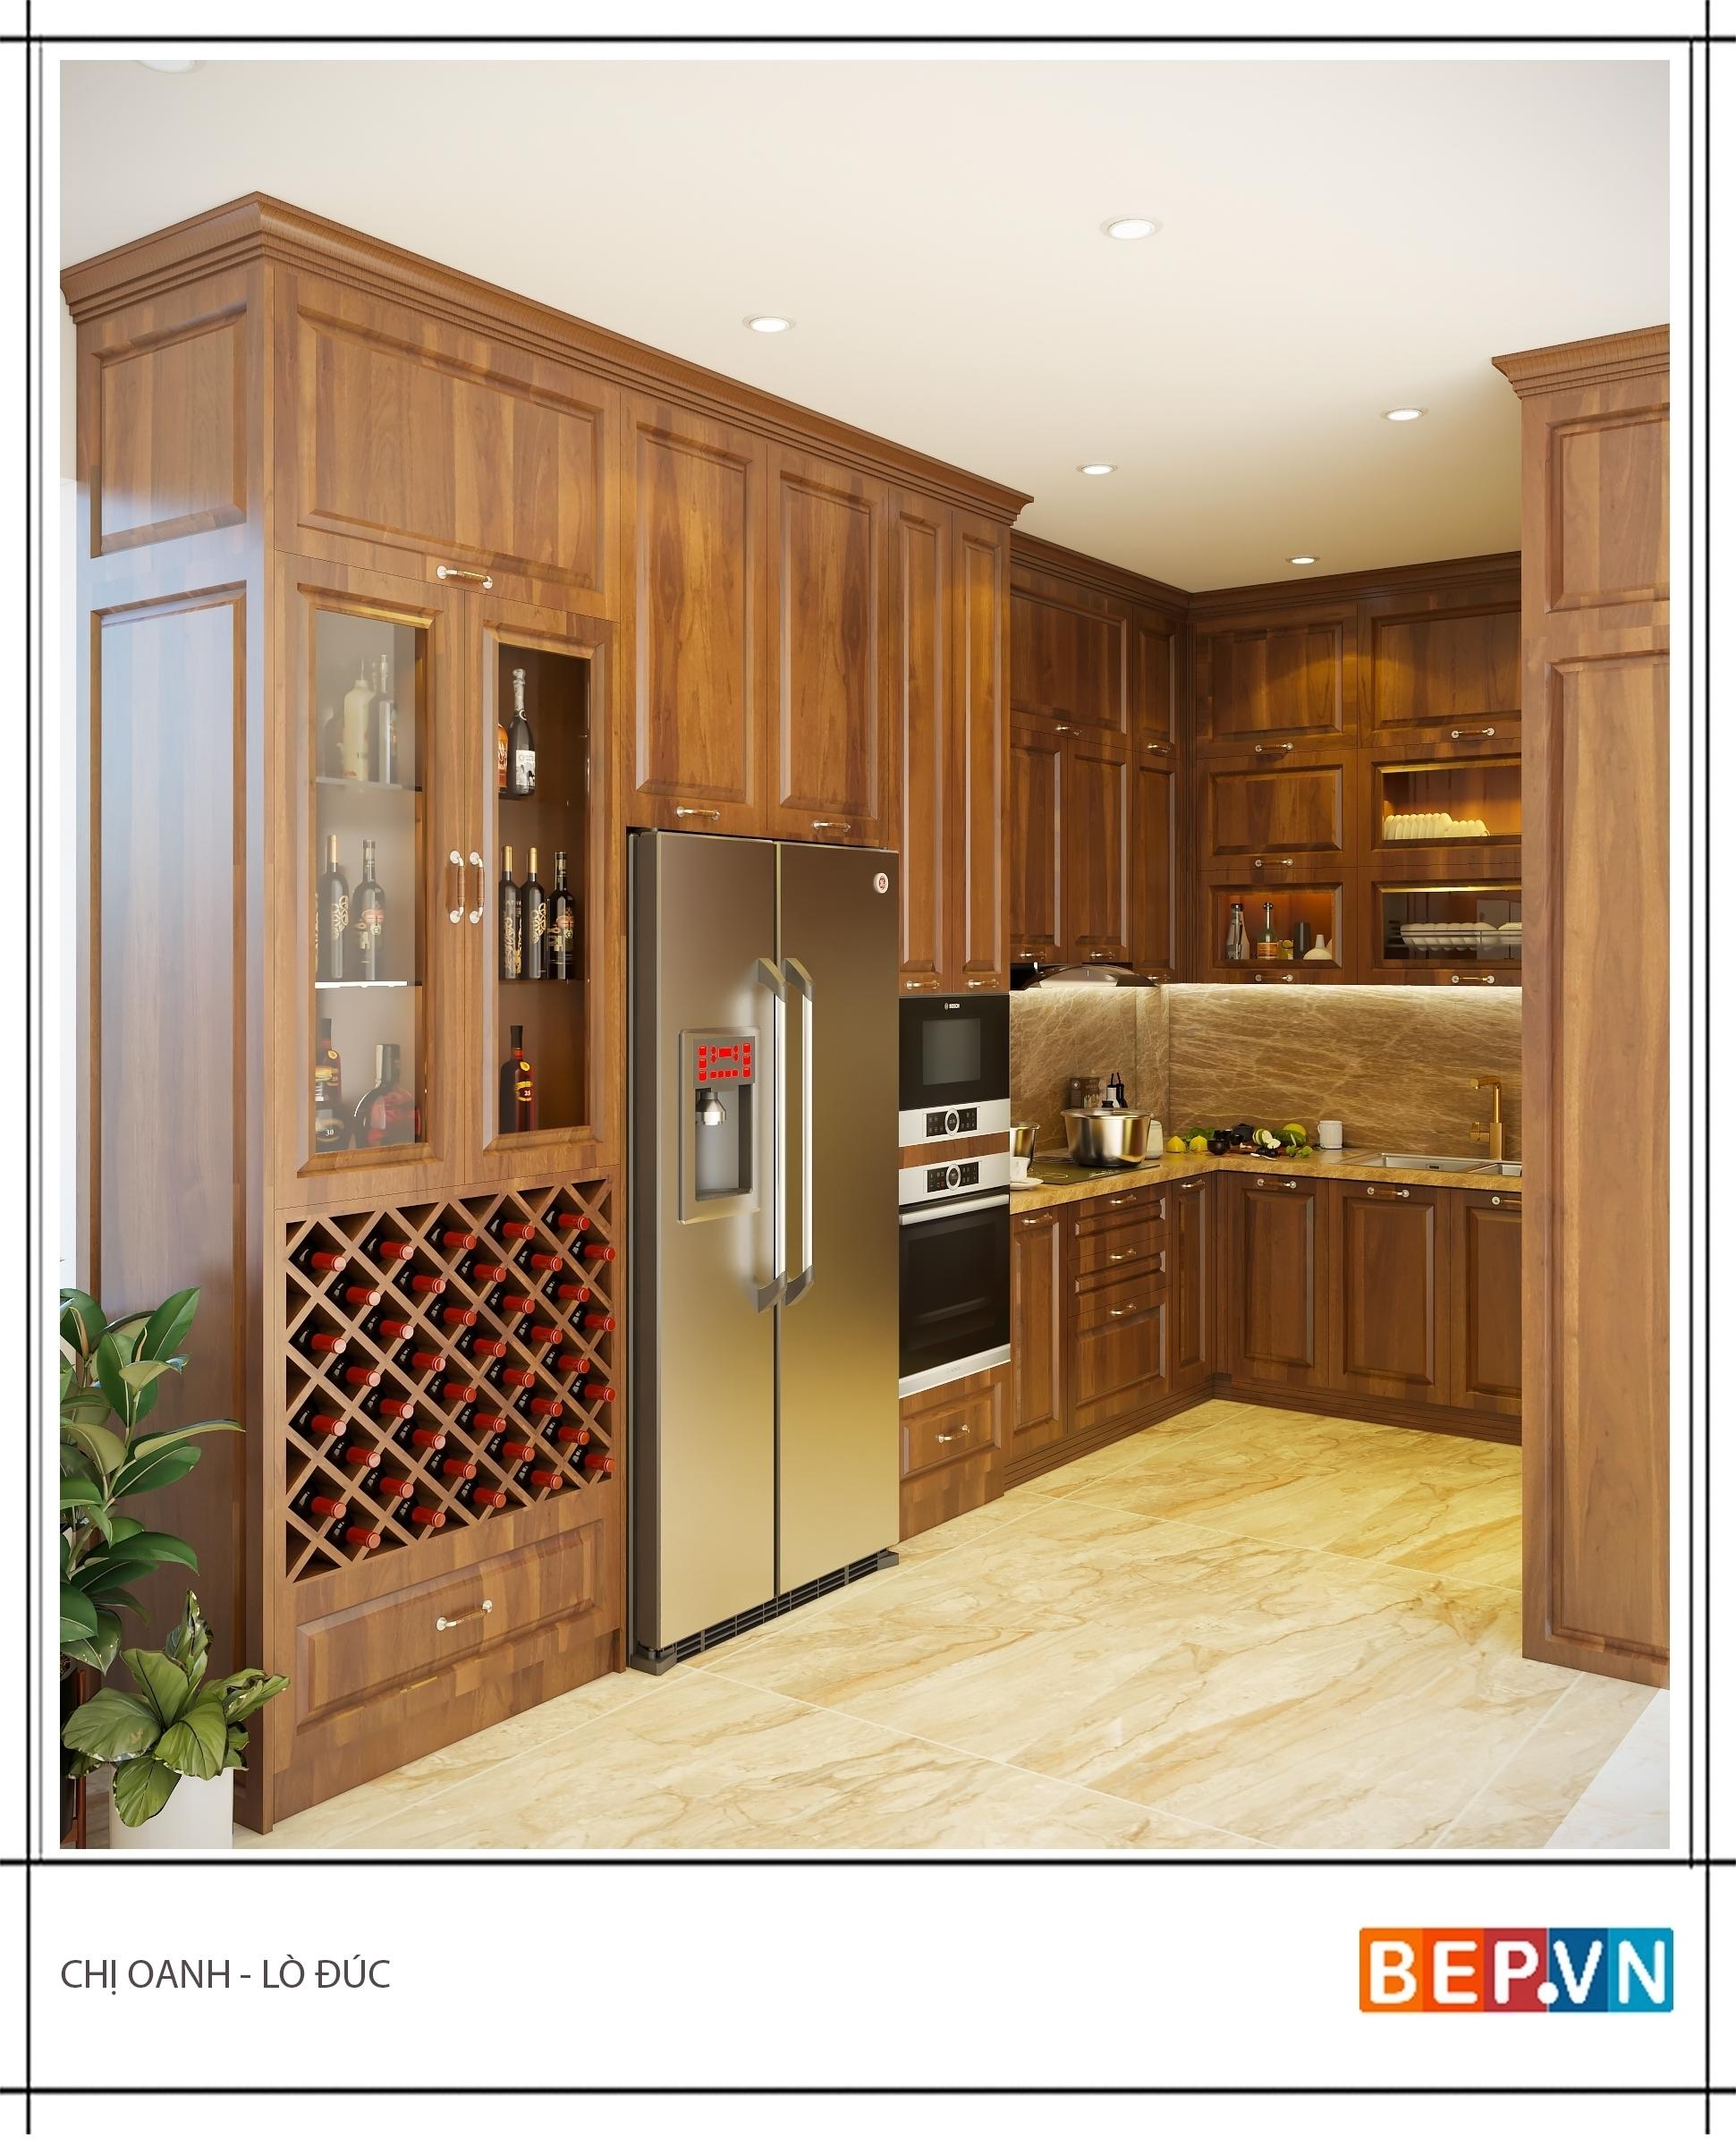 Thiết kế tủ bếp ốp trần chữ U sử dụng chất  liệu gỗ Hương ấm cúng và sang trọng.  Một thiết kế có tính thống nhất từ tủ bếp đến bàn đá và tường chắn bếp  đem lại giá trị thẩm mỹ cho toàn bộ không gian